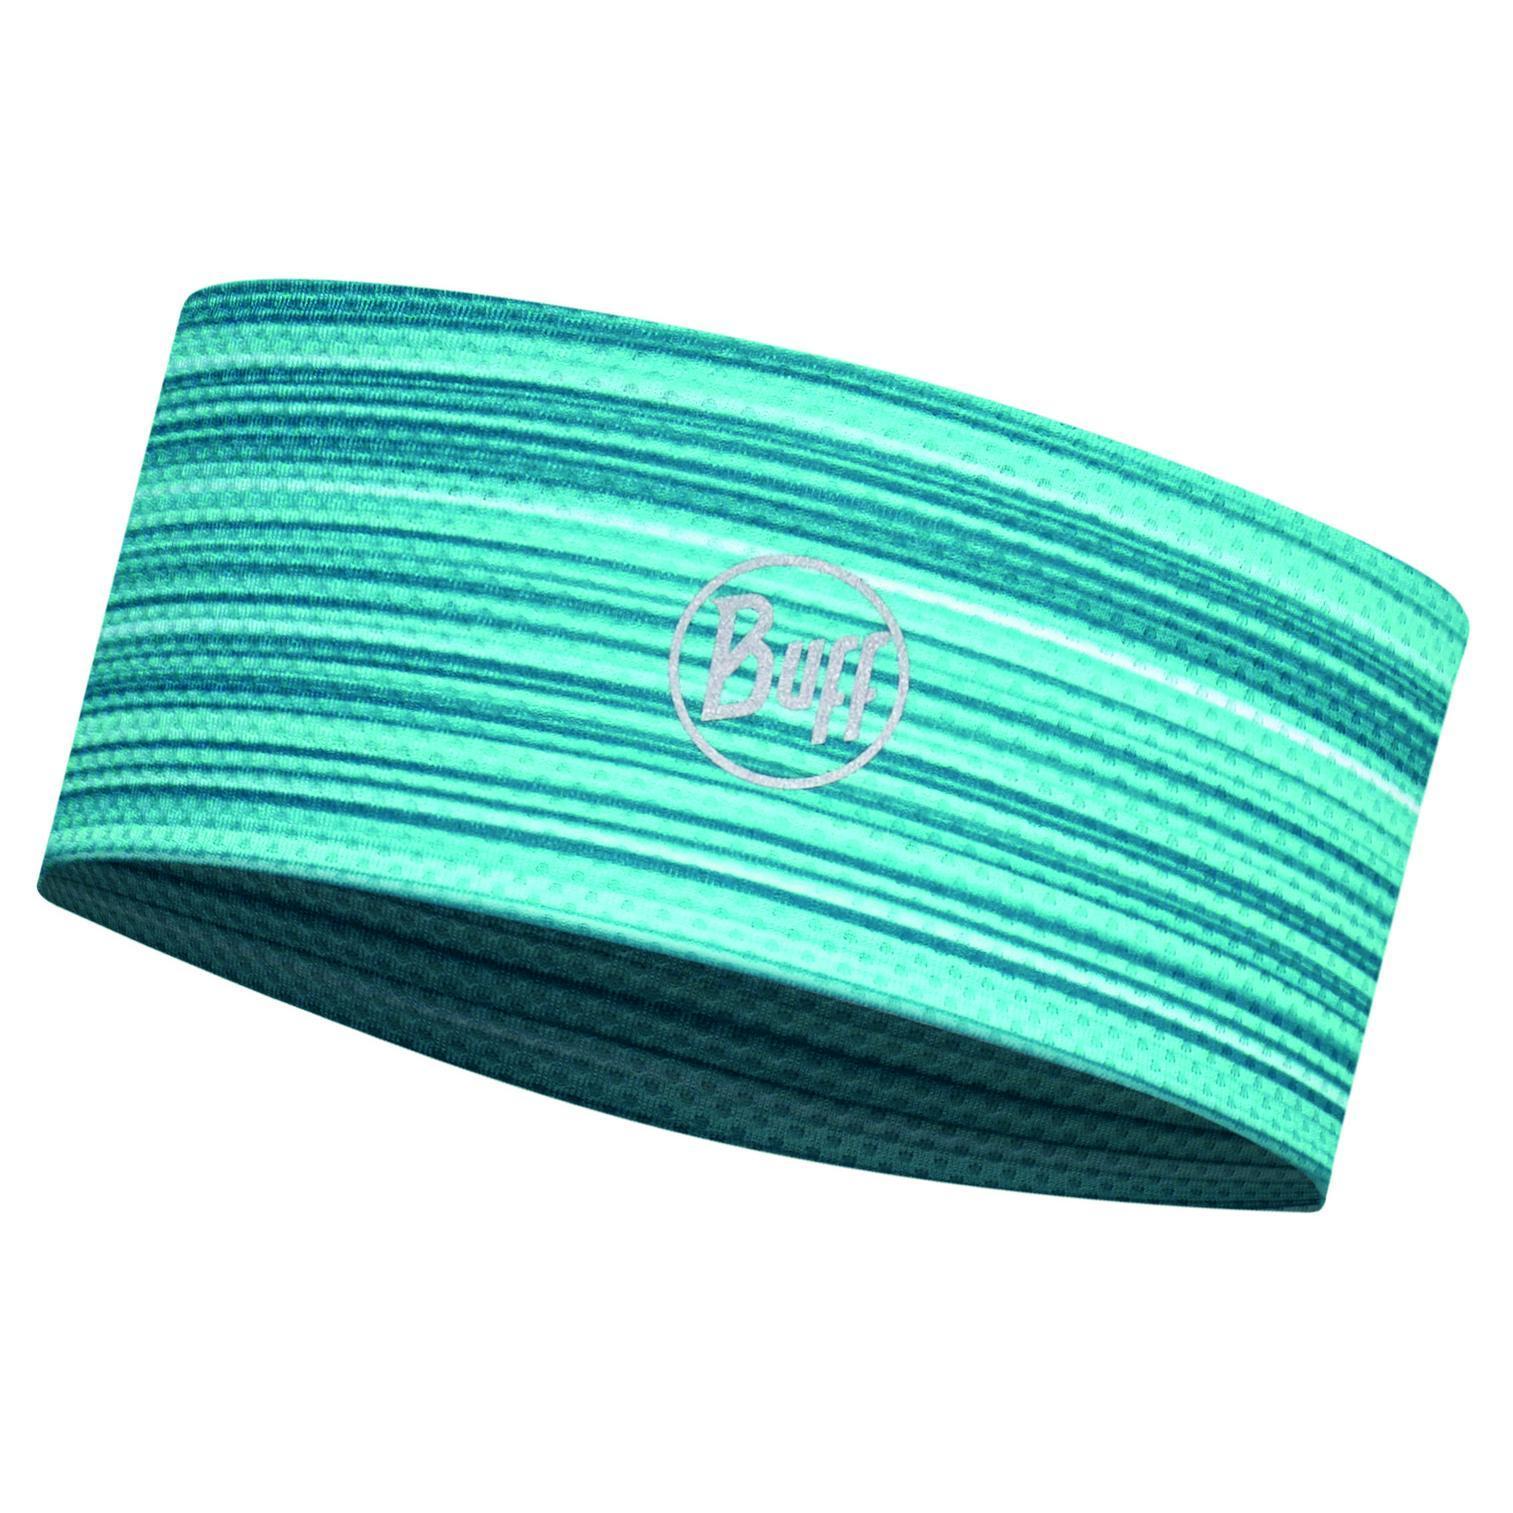 Купить Повязка BUFF Headband R-FIREFLY TURQUOISE Банданы и шарфы Buff ® 1266811